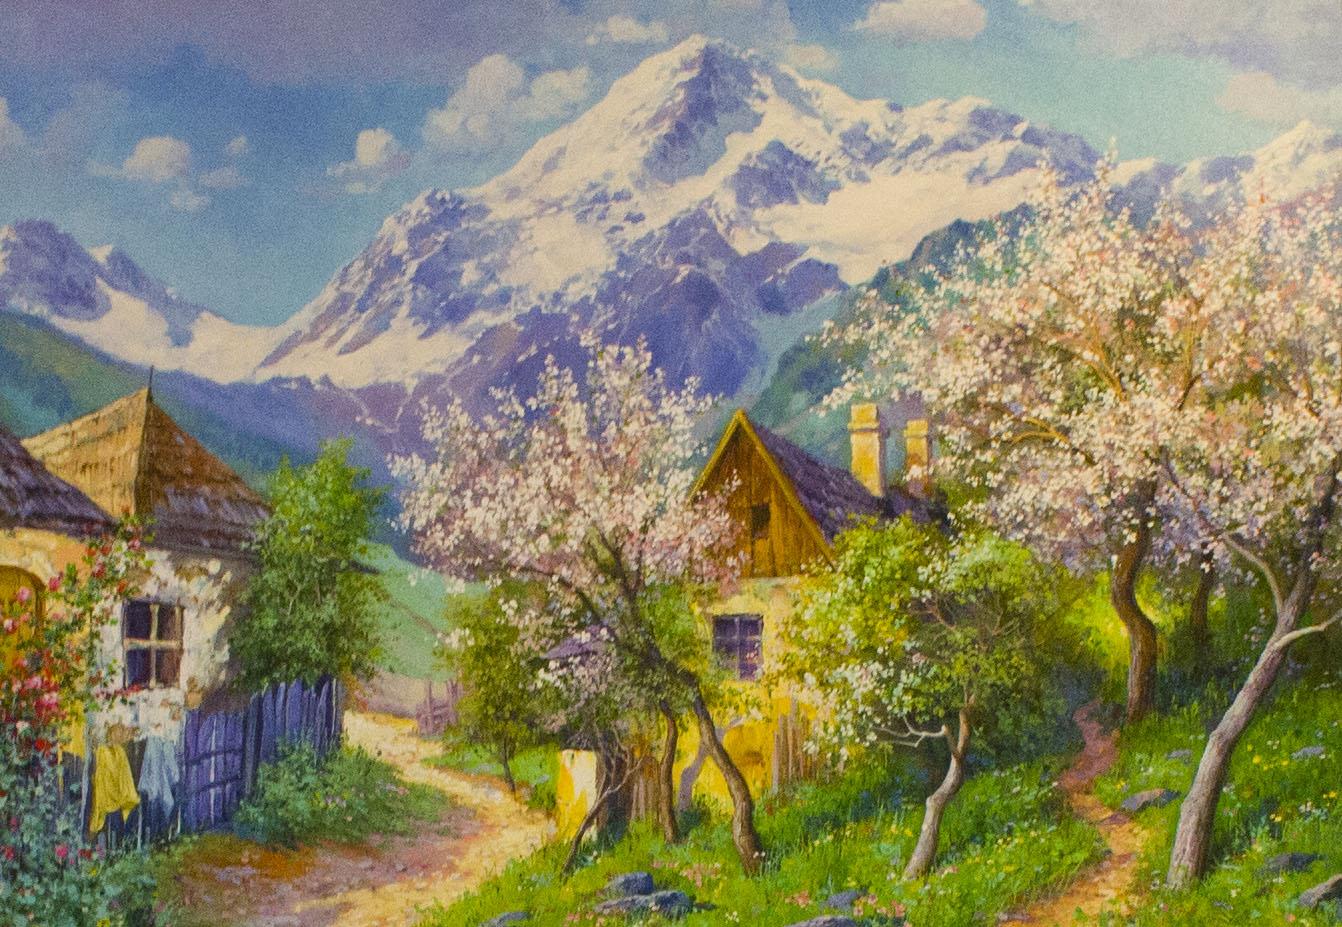 холст, масло. Весенний пейзаж изображает цветение фруктовых деревьев в горной деревушке, на дальнем плане снежные горы.